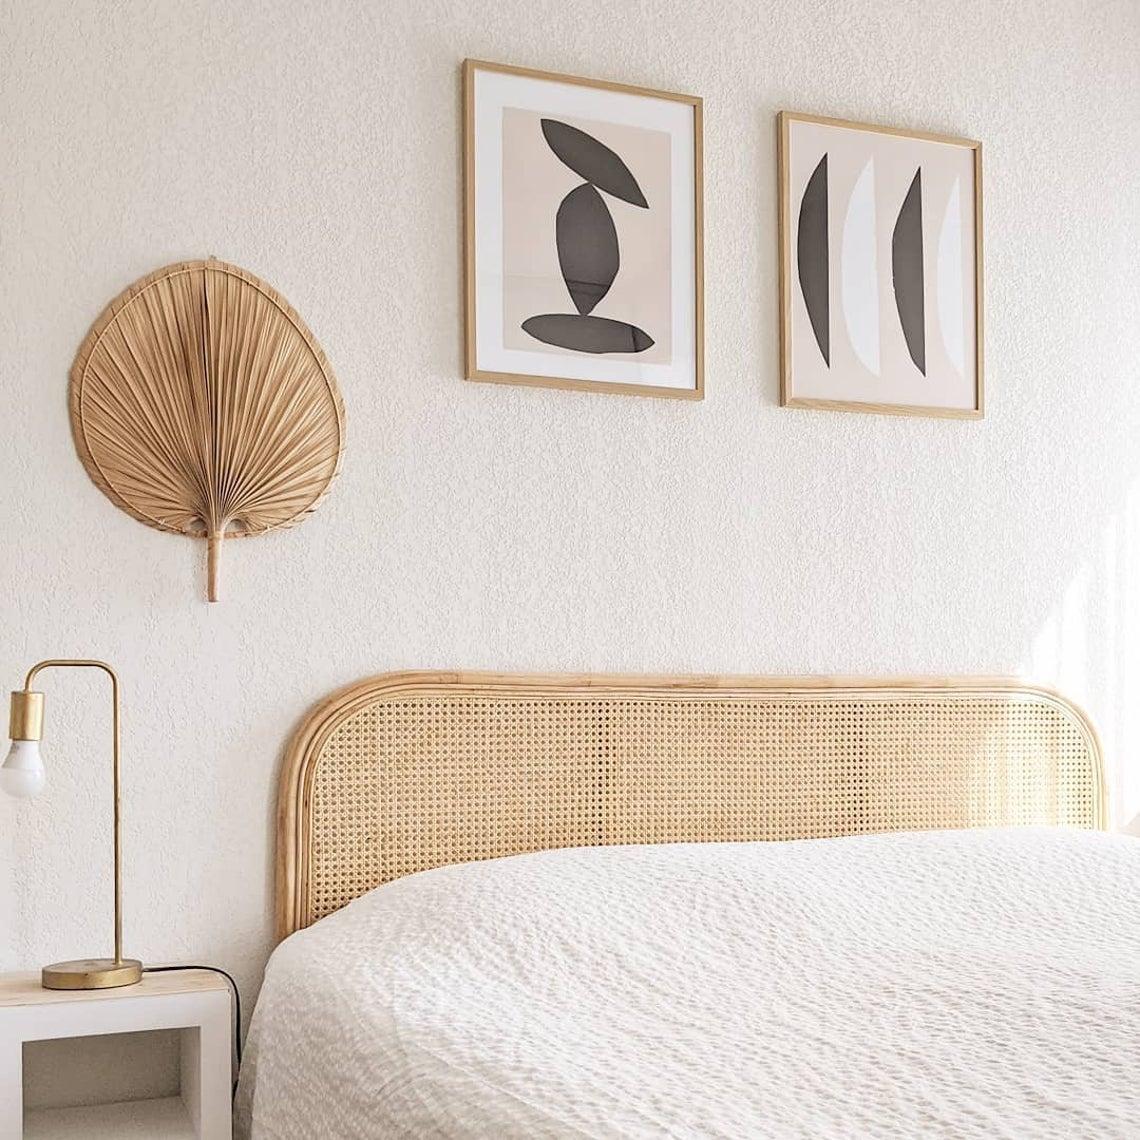 Rattanmöbel & -accessoires, die für Strandurlaubs-Flair in deiner Wohnung sorgen